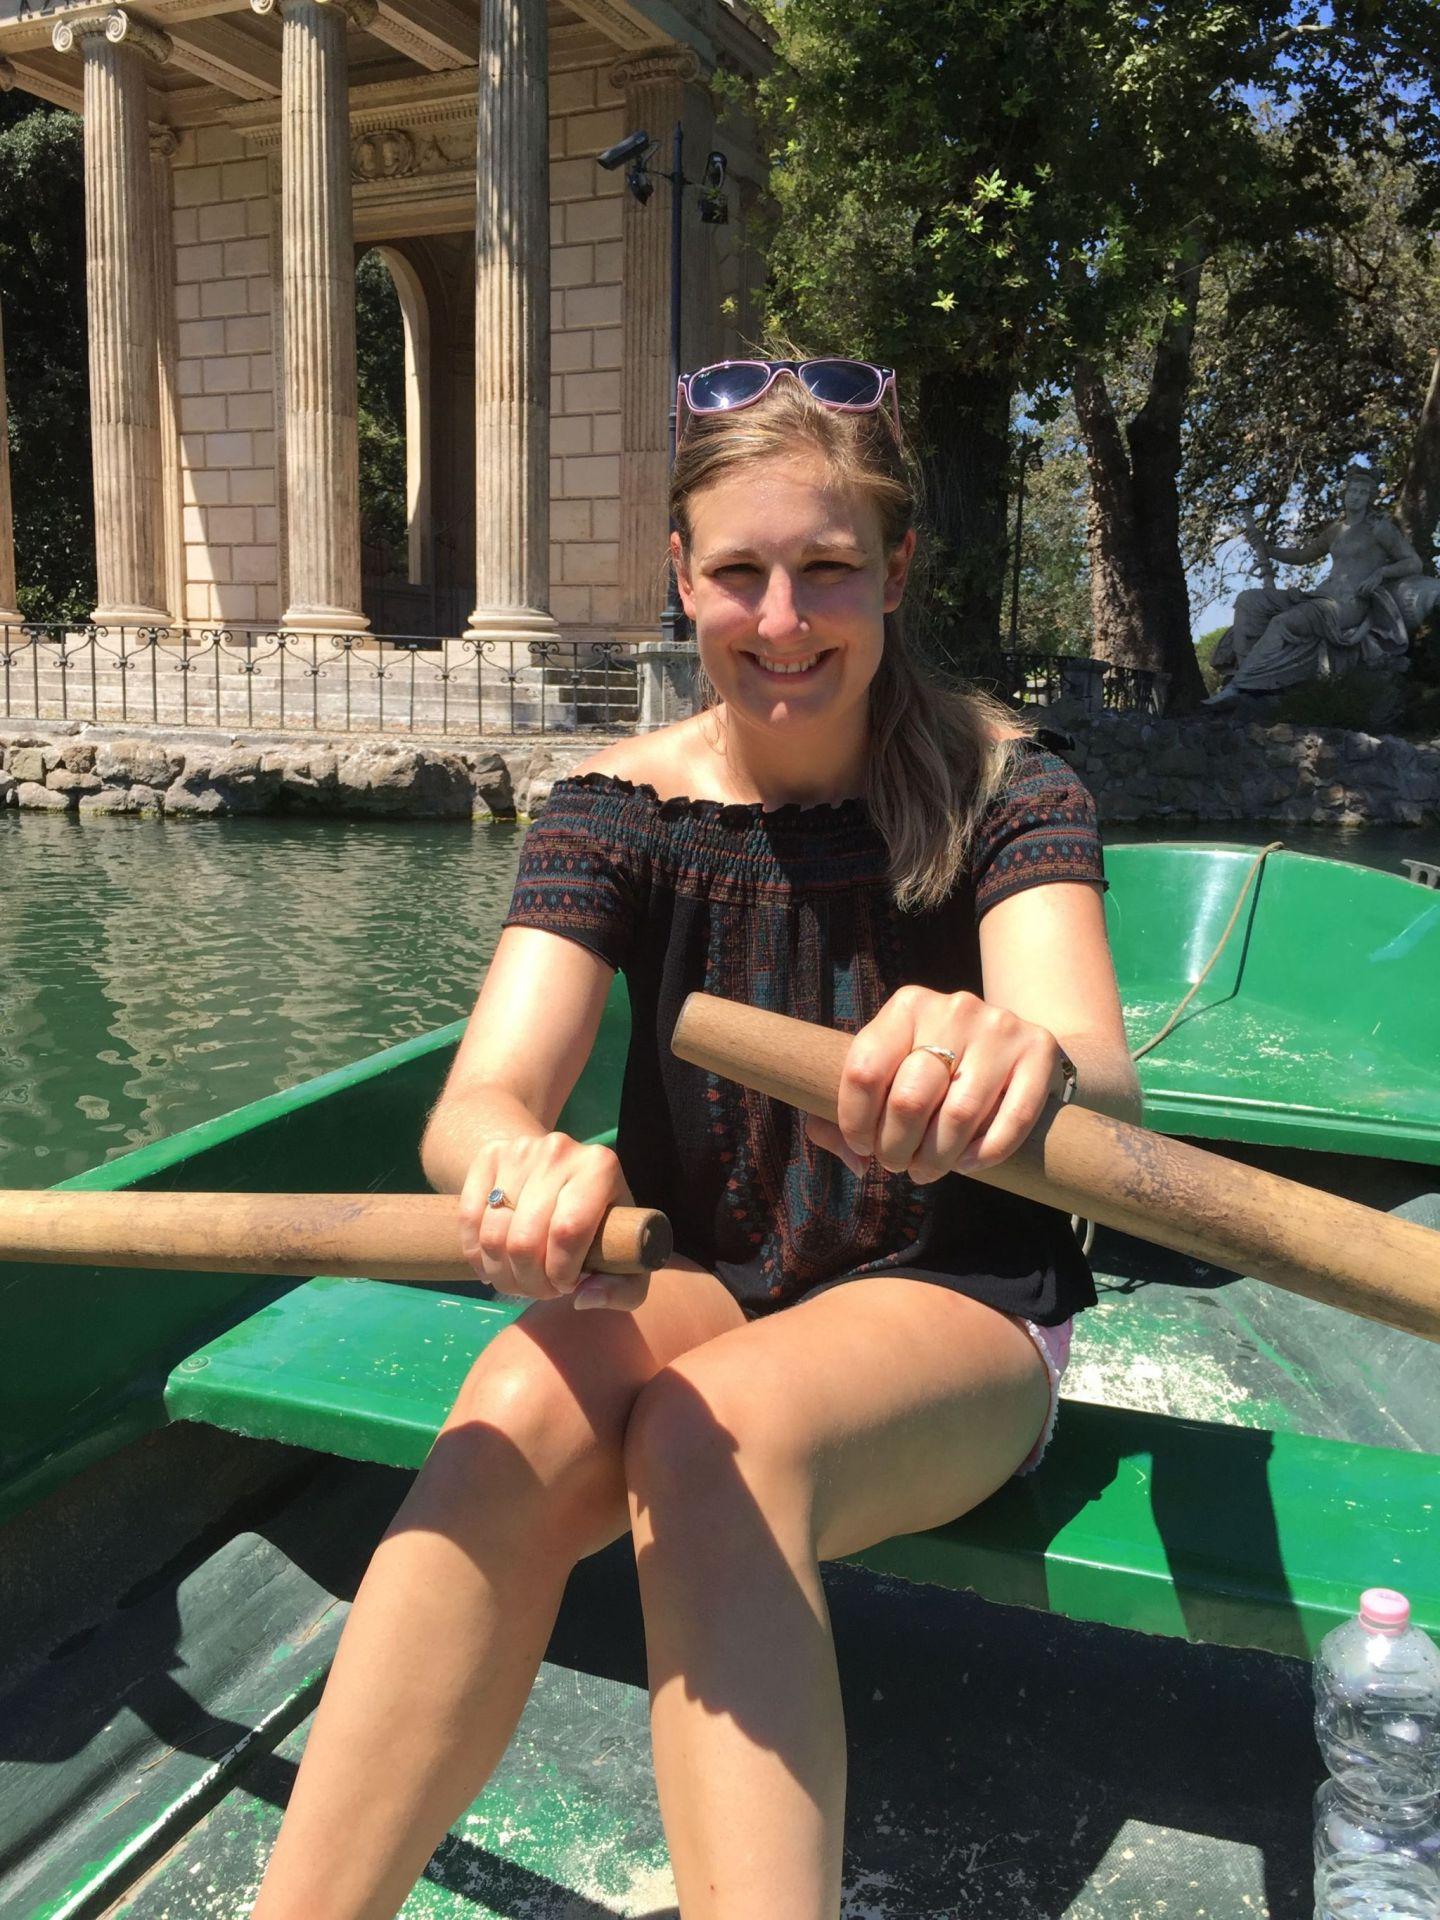 Rowing across the lake